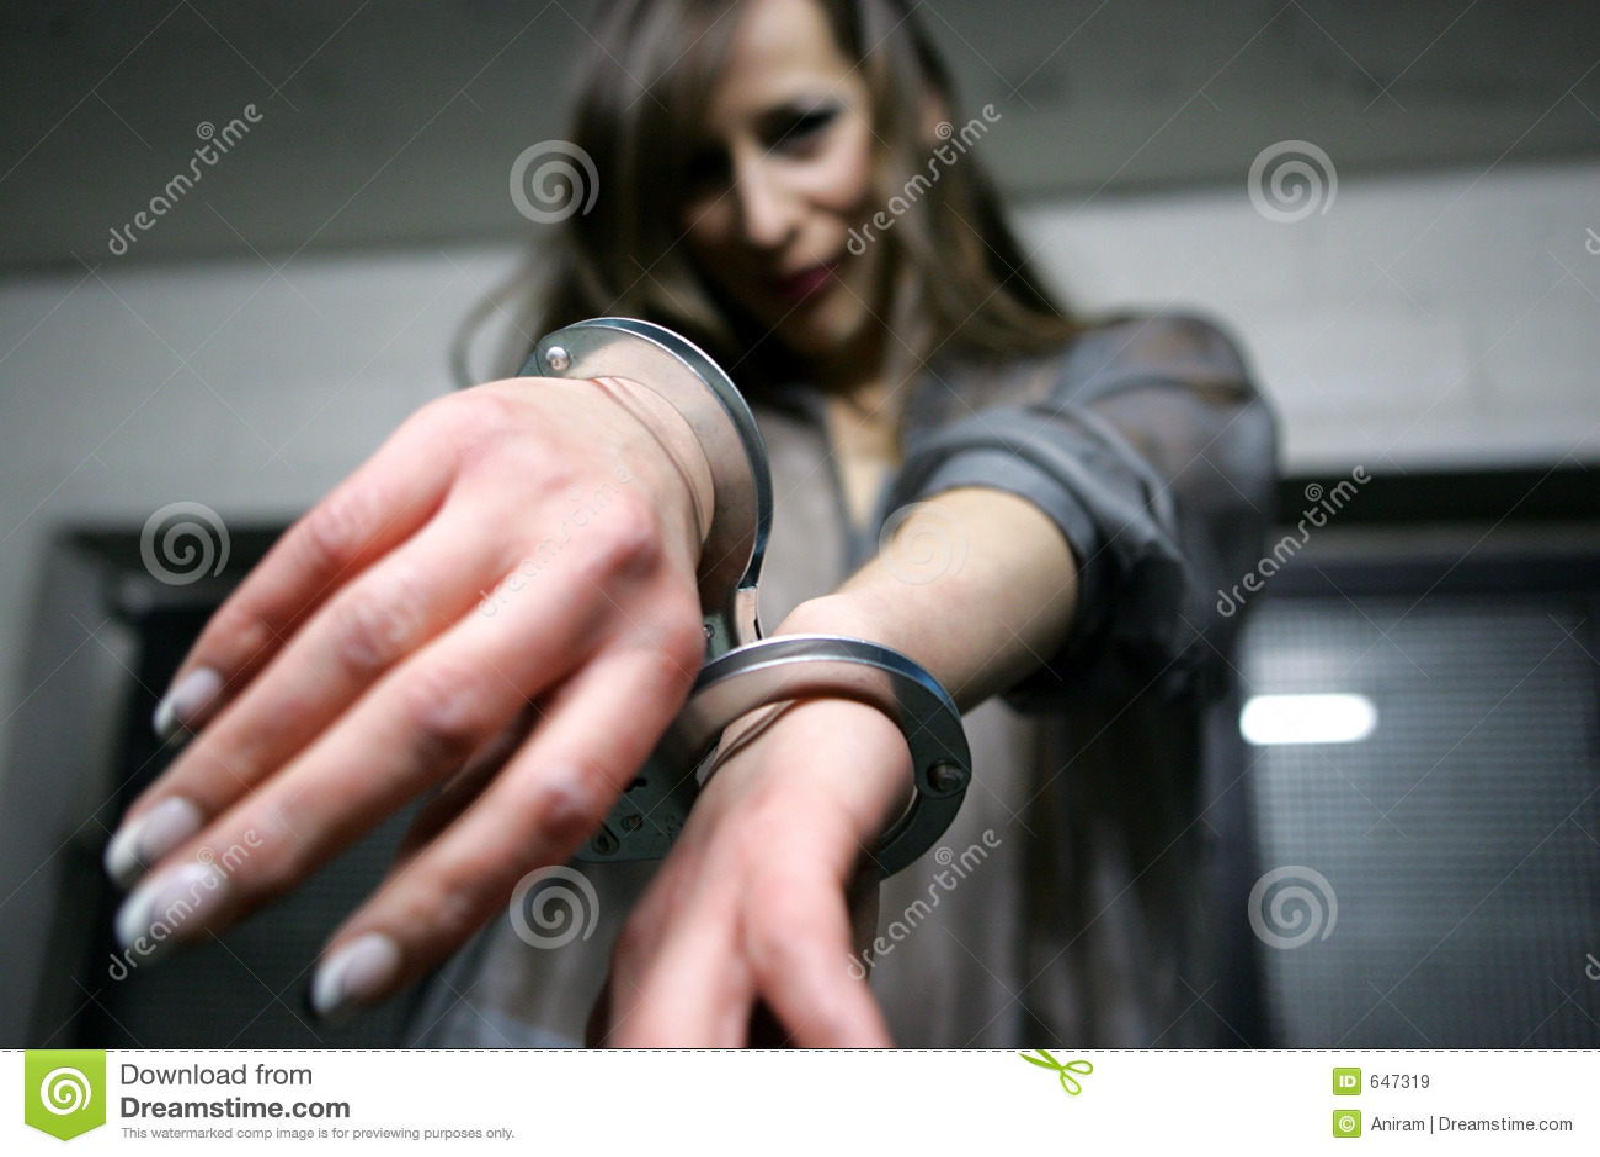 sexspiel spiele hände gefesselt